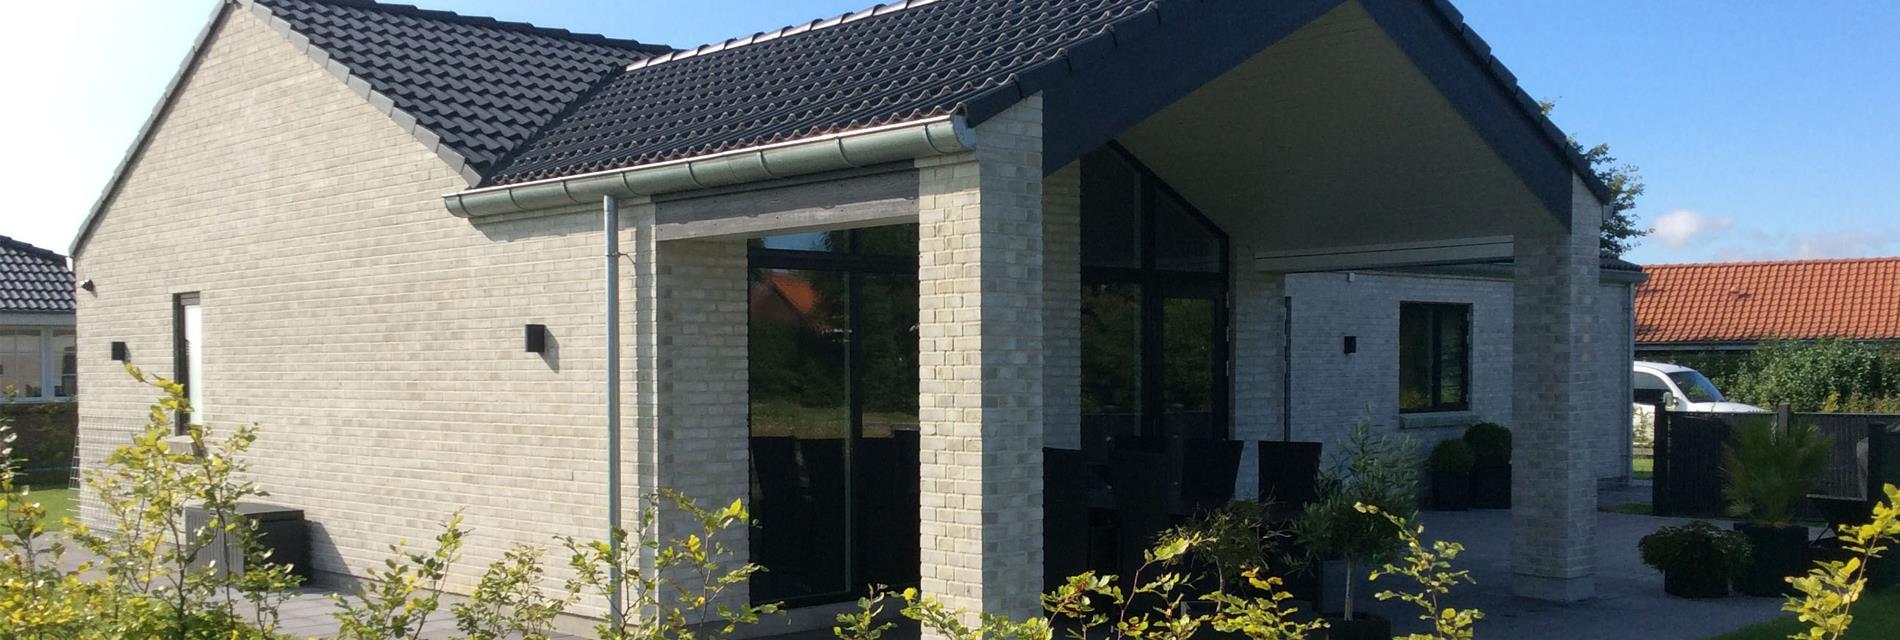 Byg dit eget hus - Ideal-Huse Bøgeskov